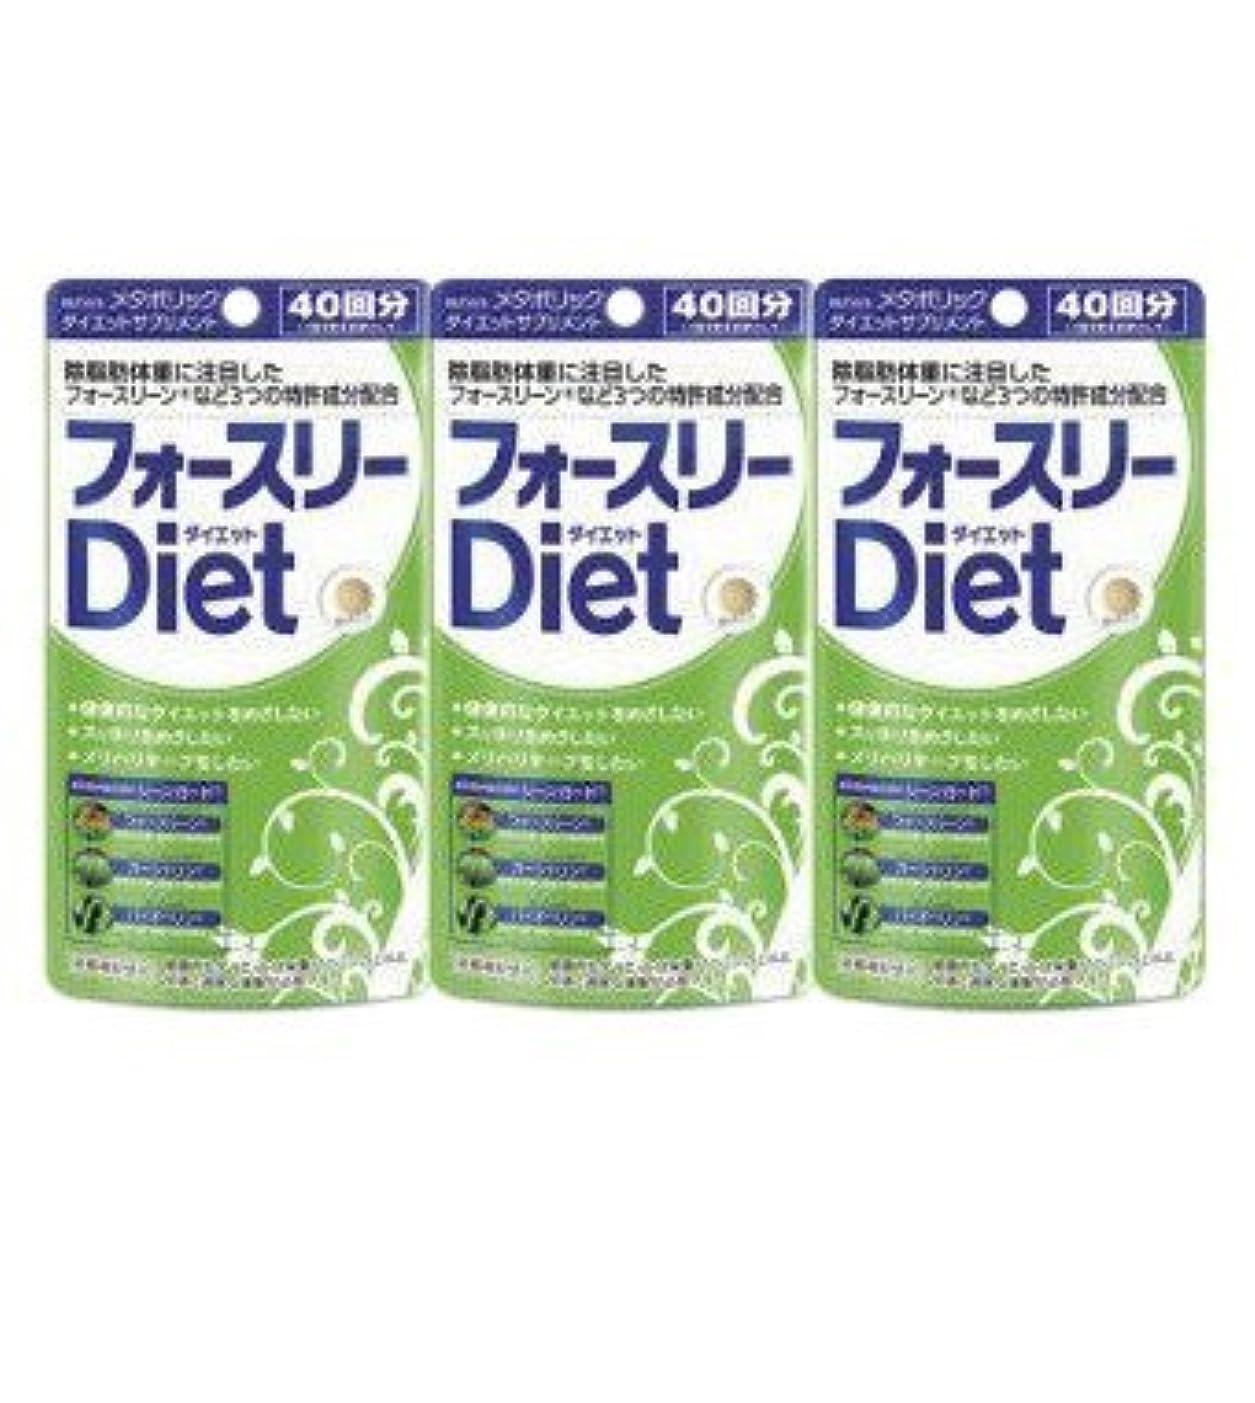 【3個セット】フォースリーダイエット 40回分